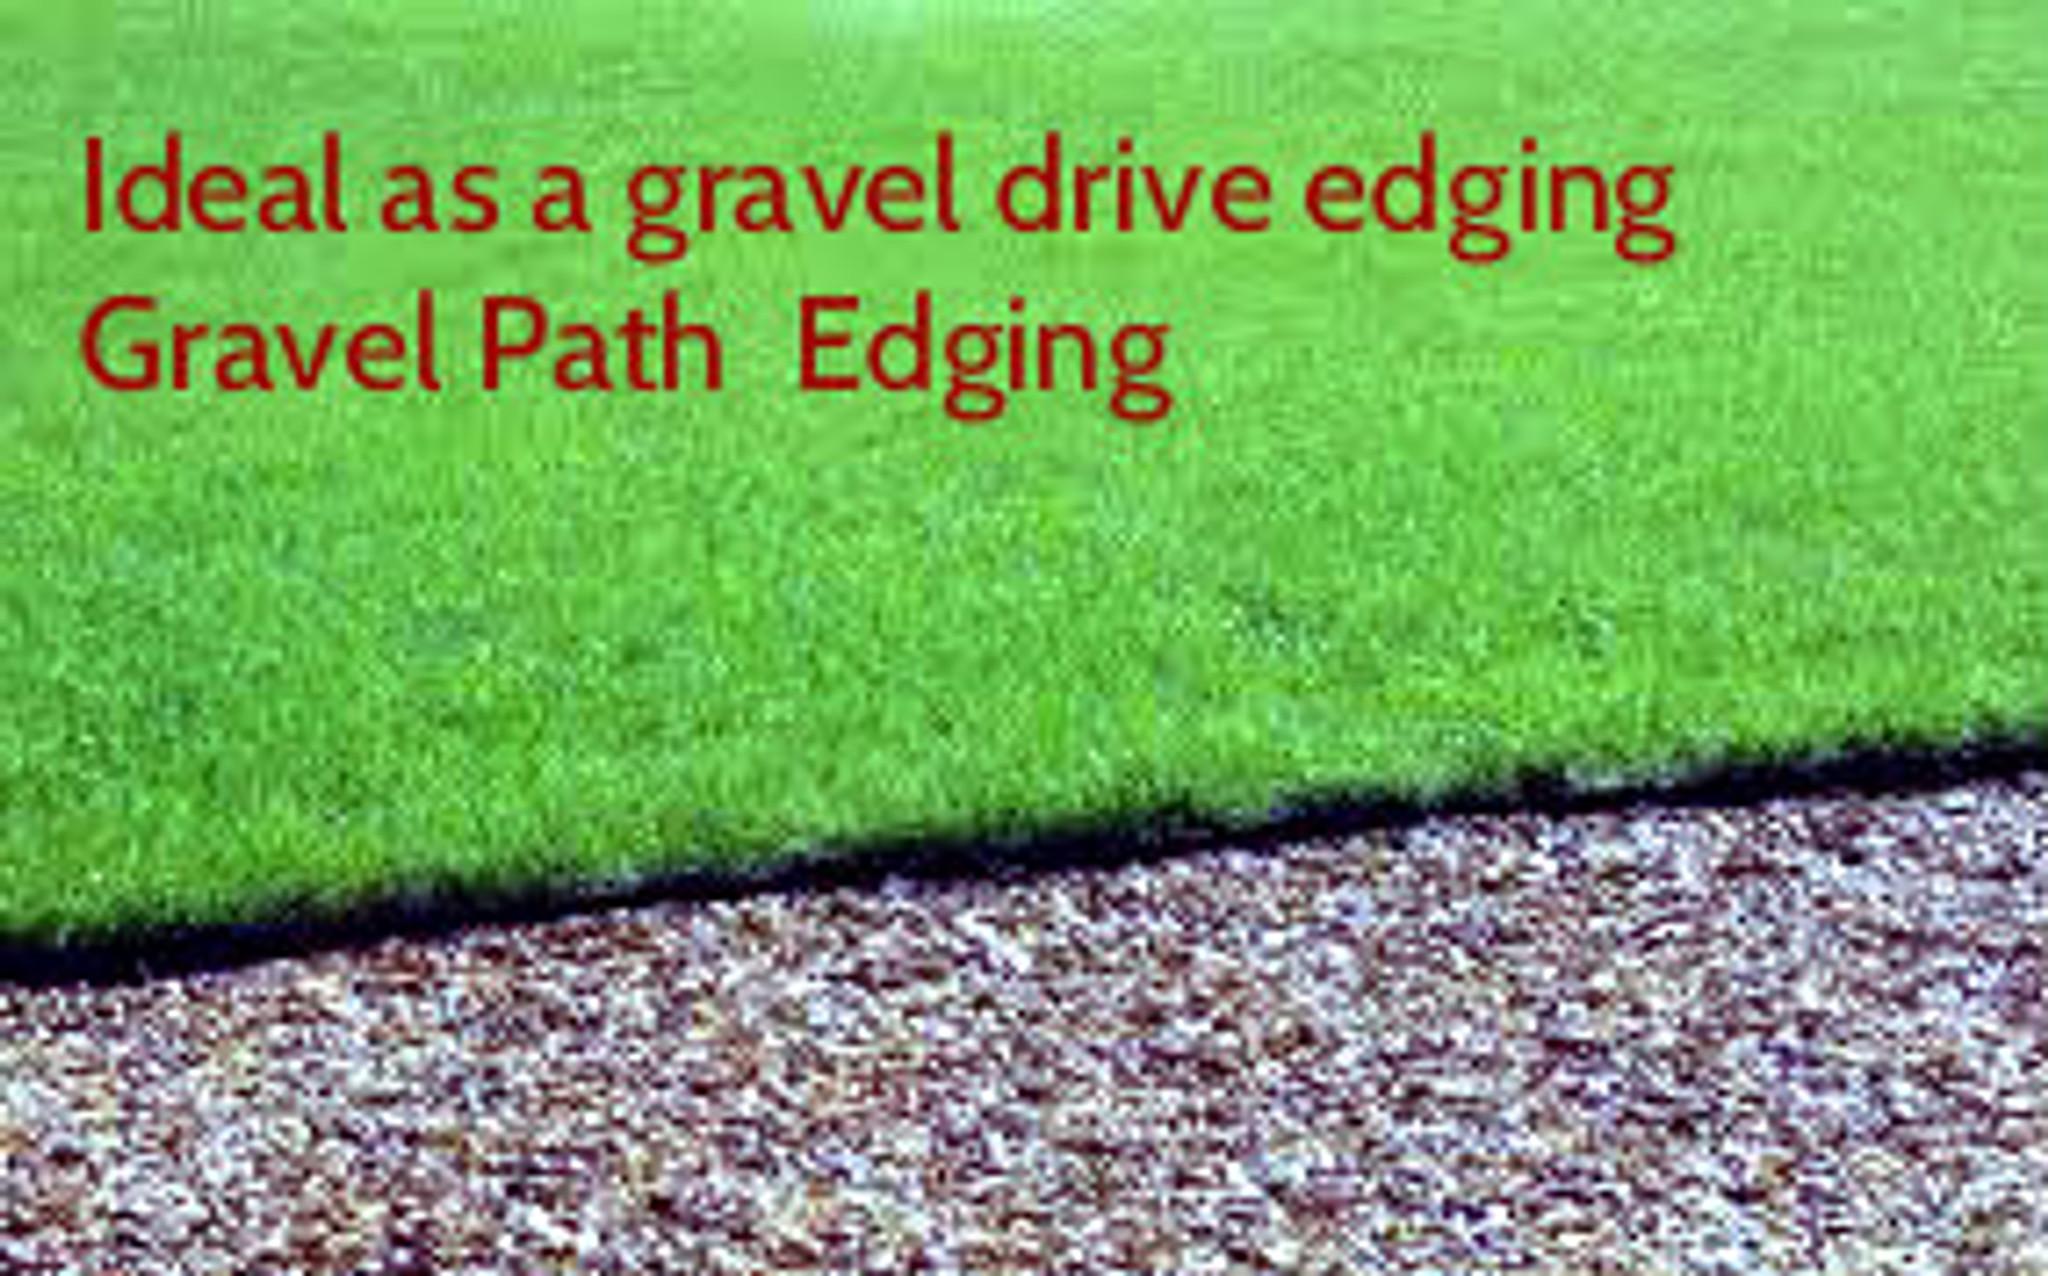 Lawn edging in garden grass